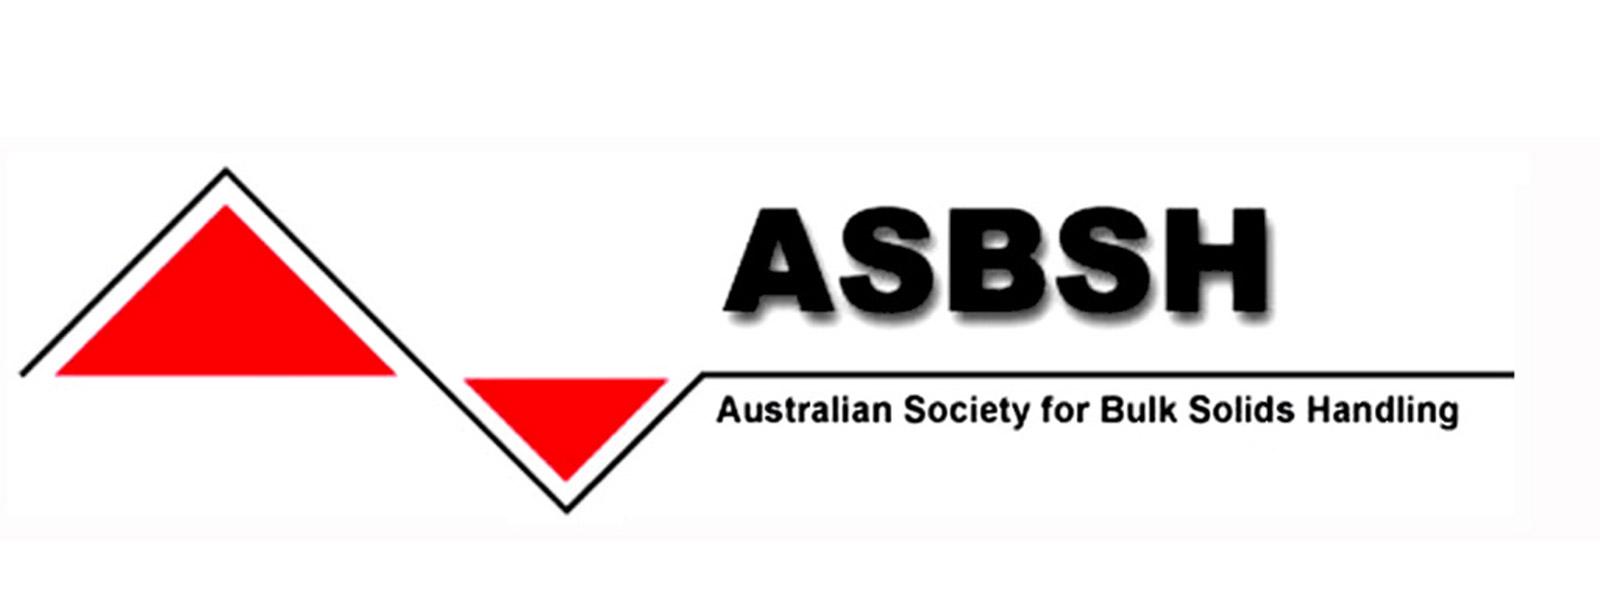 Australian Society for Bulk Solids Handling